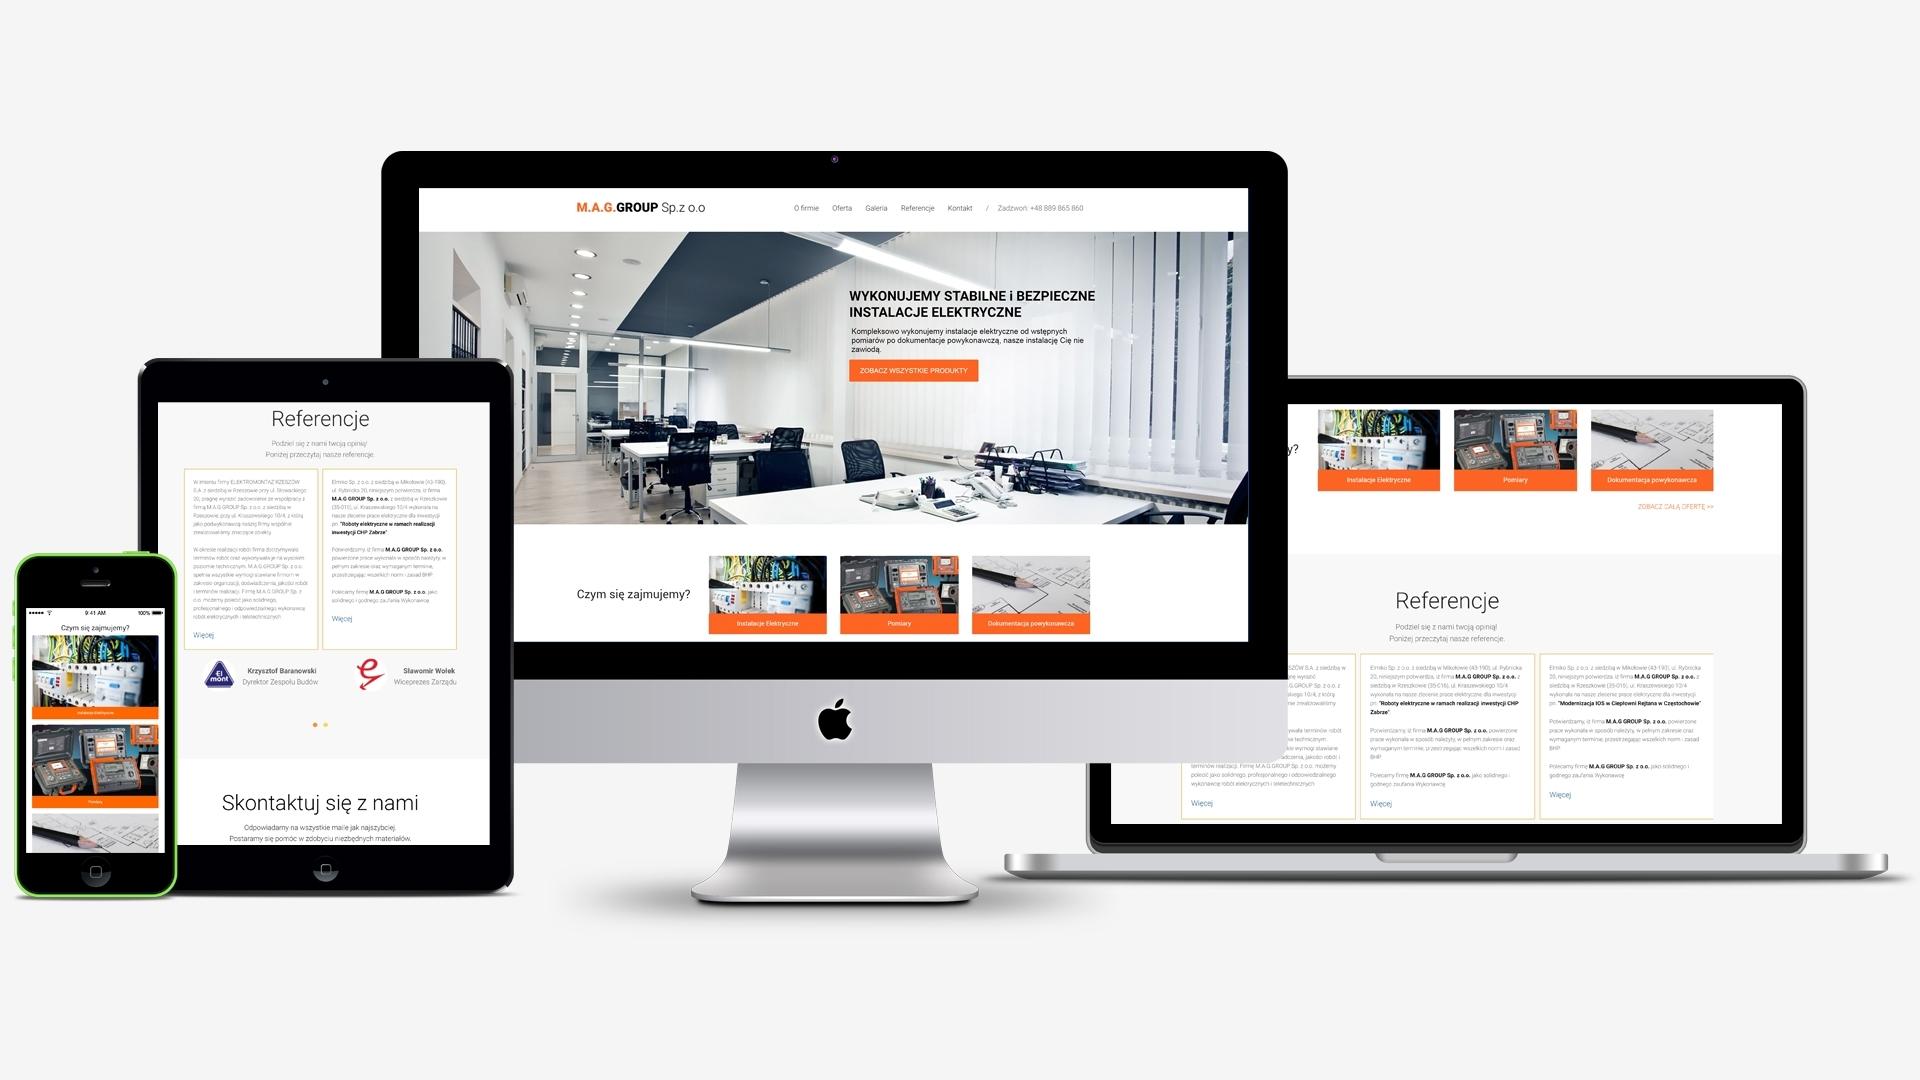 Strona internetowa dla M.A.G GROUP